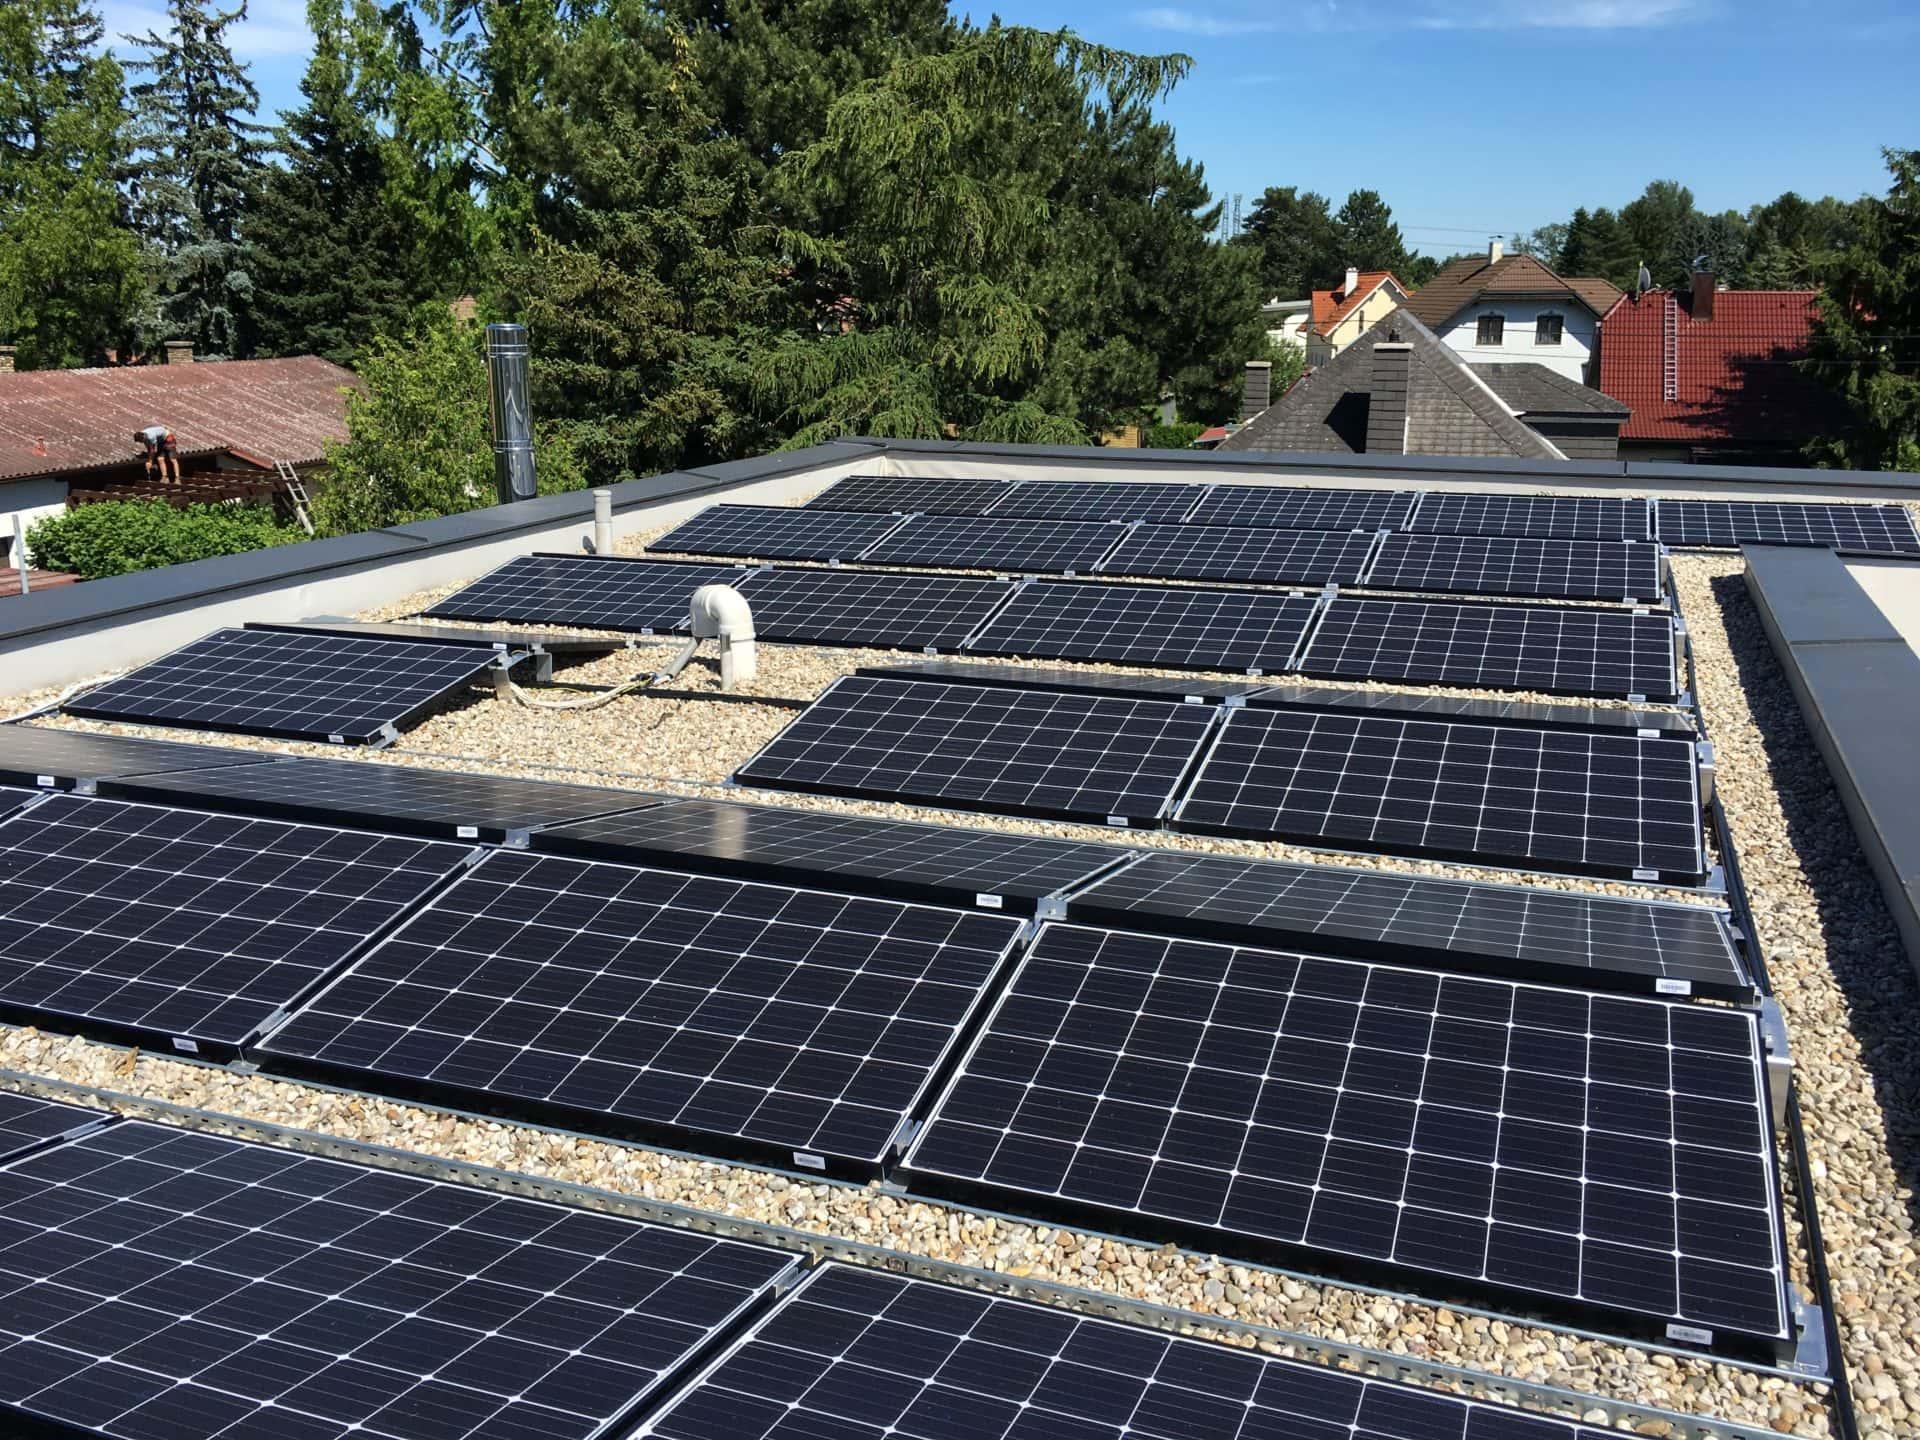 referenz photovoltaik ost west ausrichtung 3